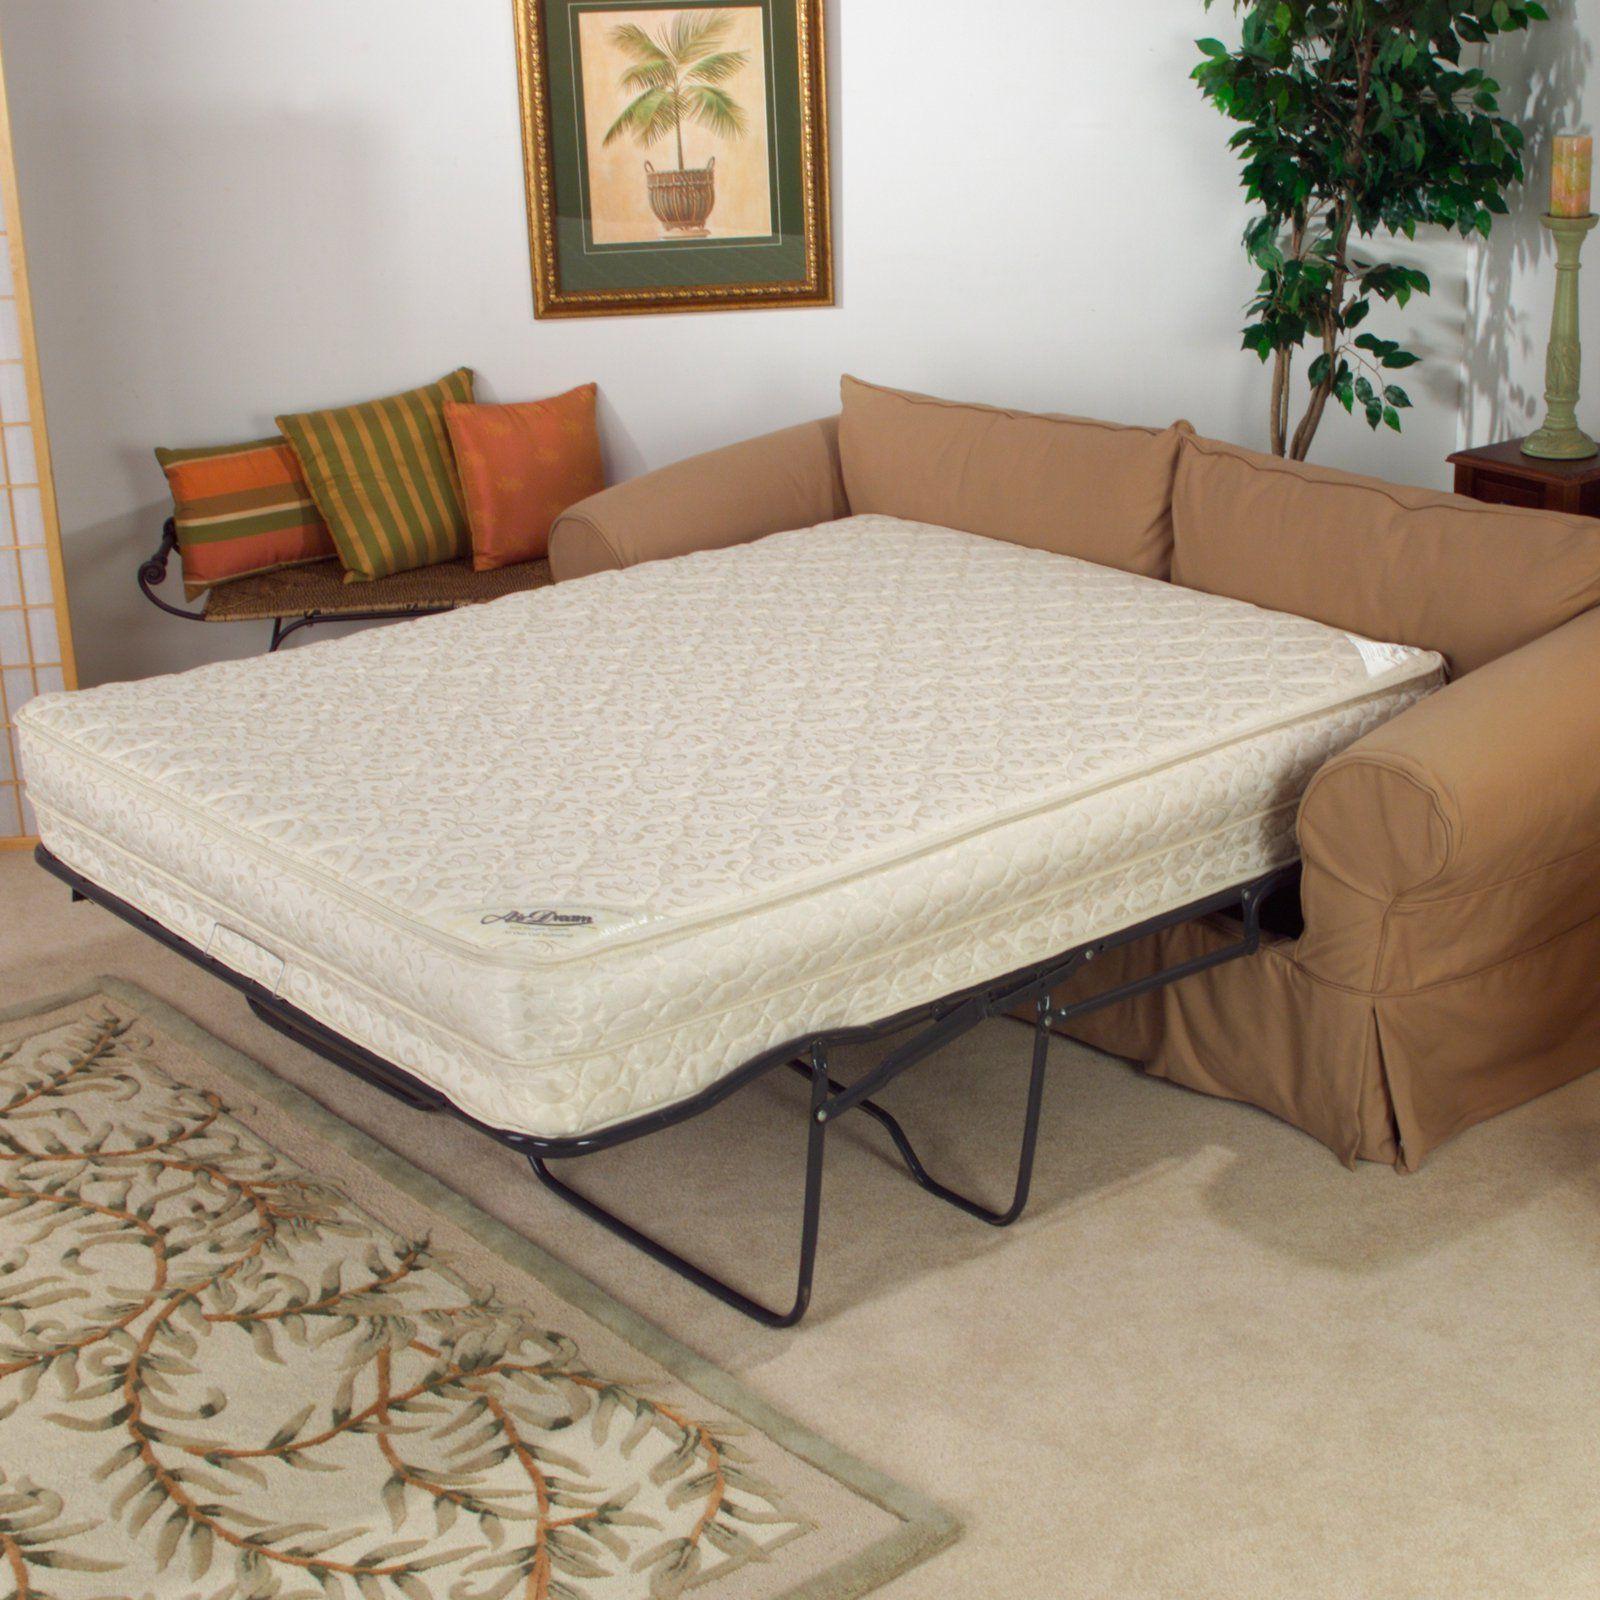 Mattress · Fashion Bed Group Air Dream Sleeper Sofa ...